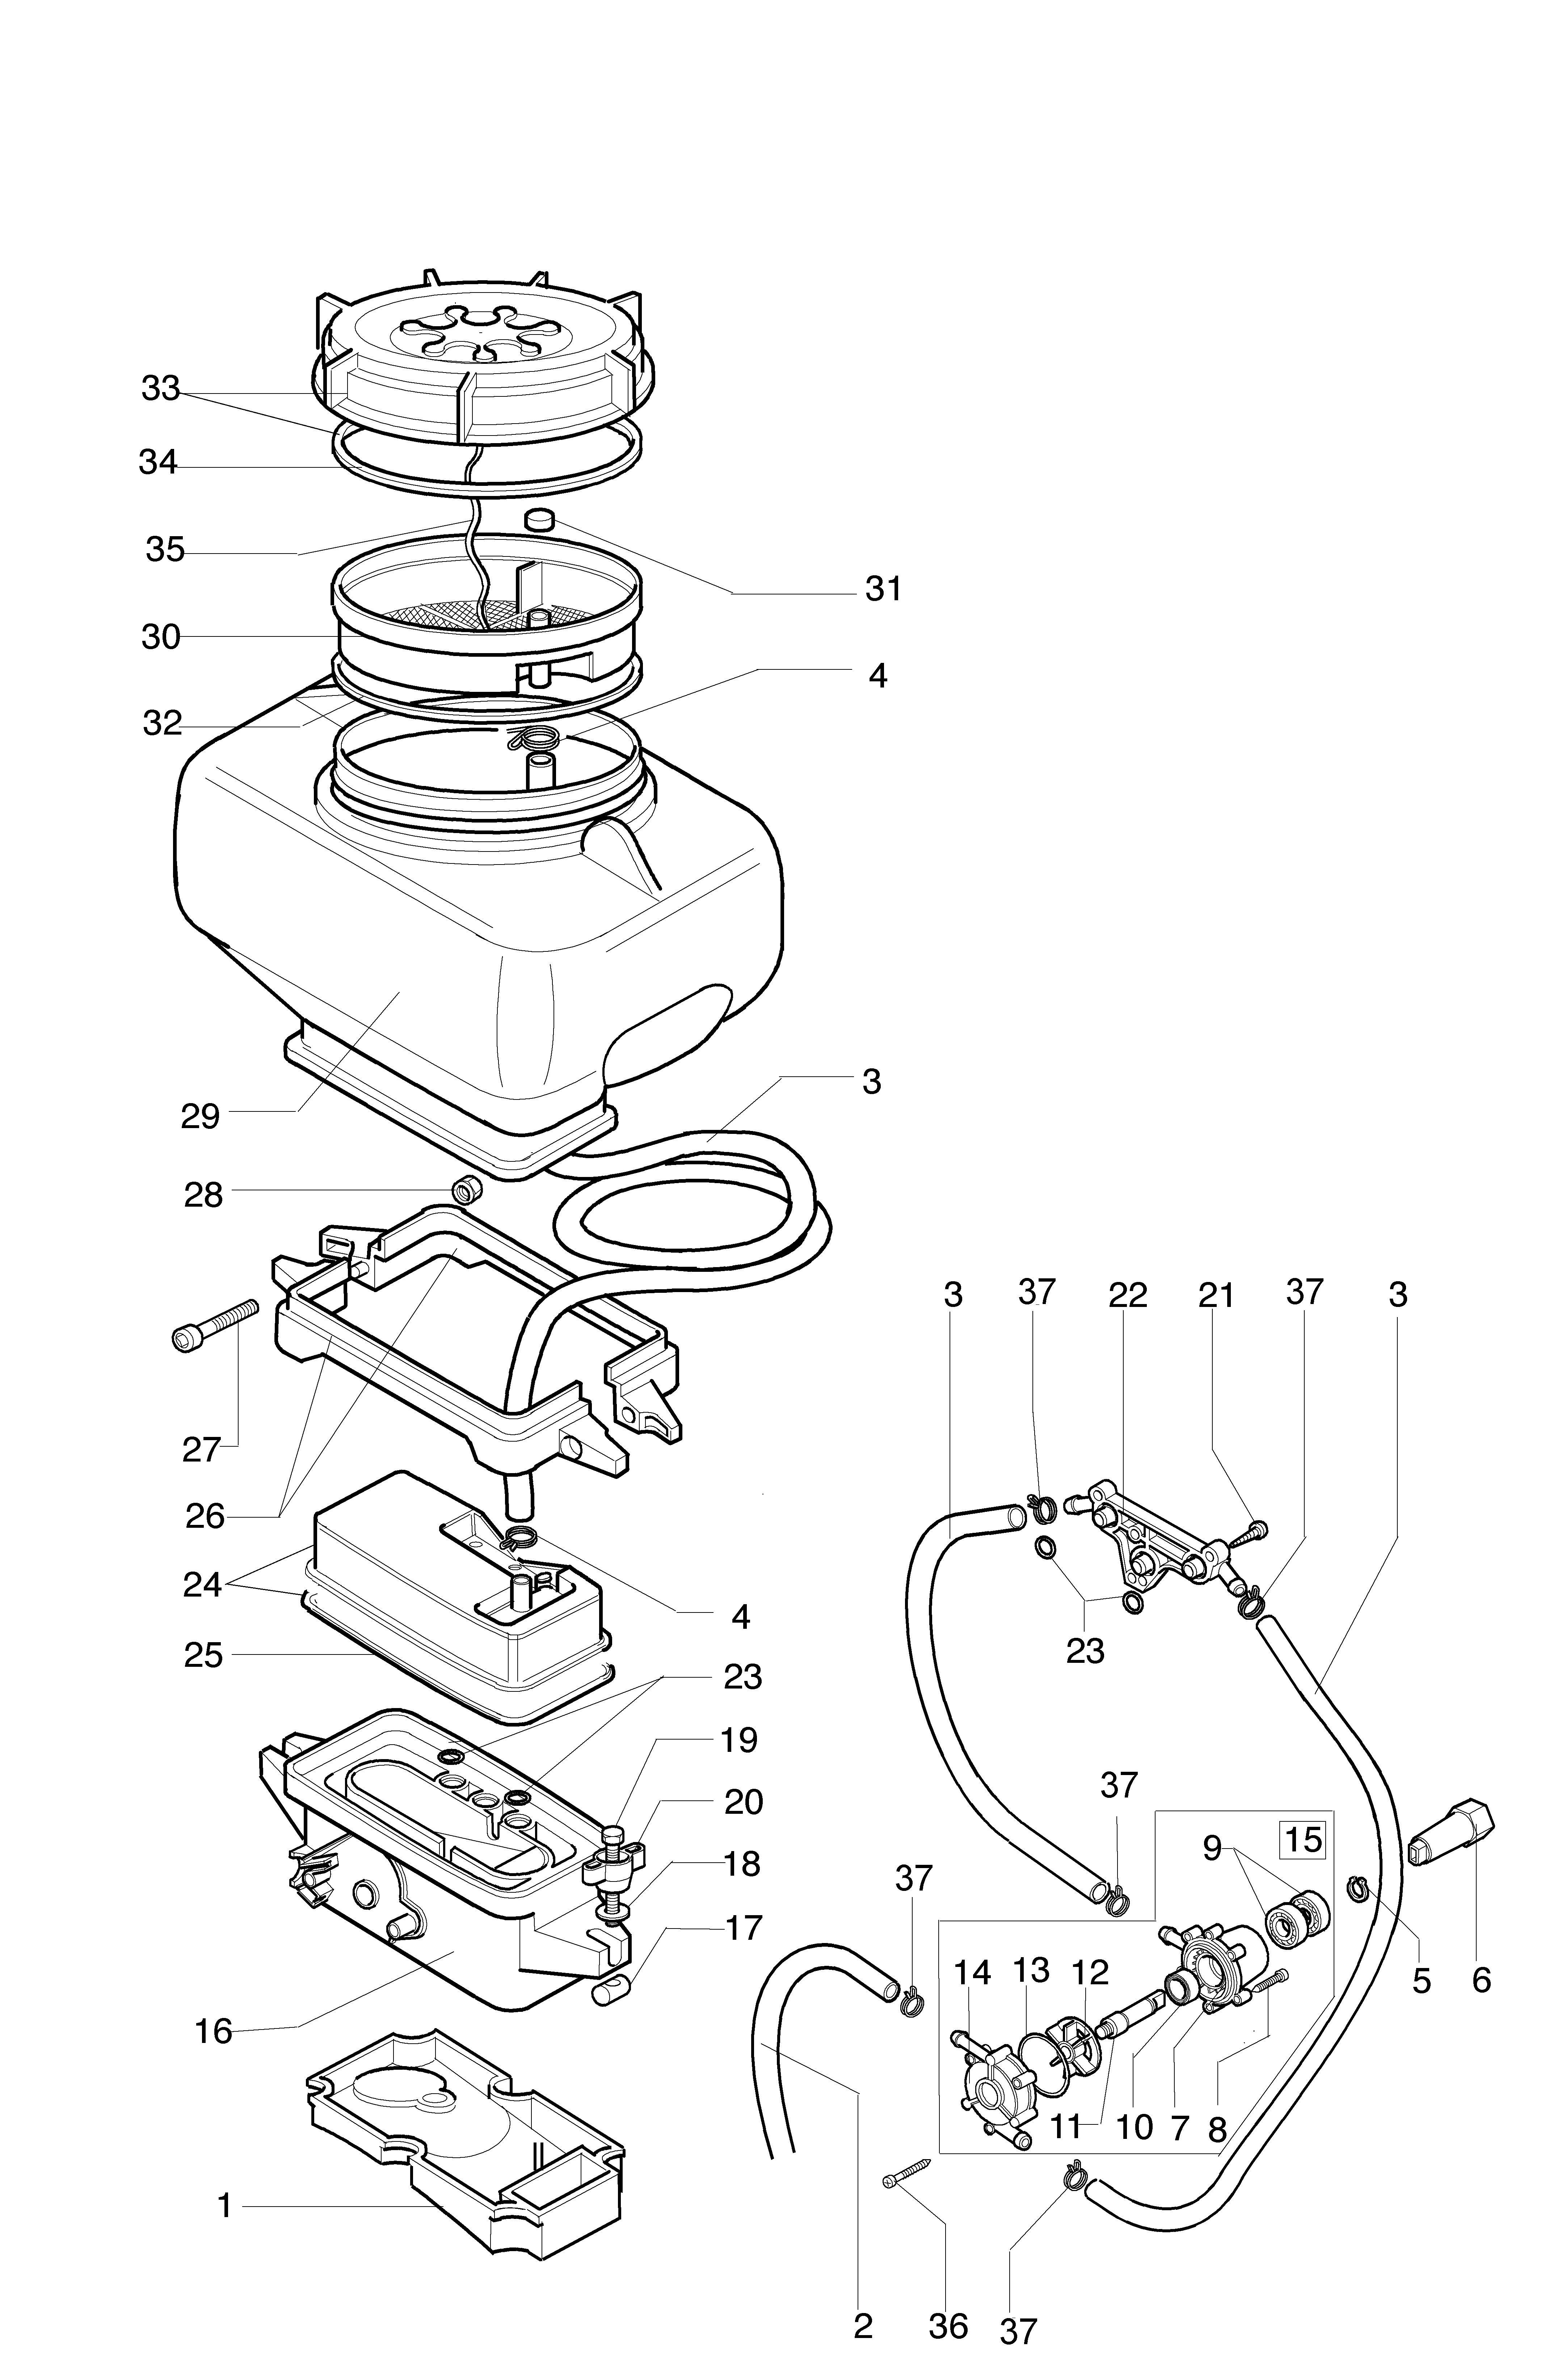 AM 162 Atomiseur oleomac Dessins pièces vue éclatée  Réservoir des liquides